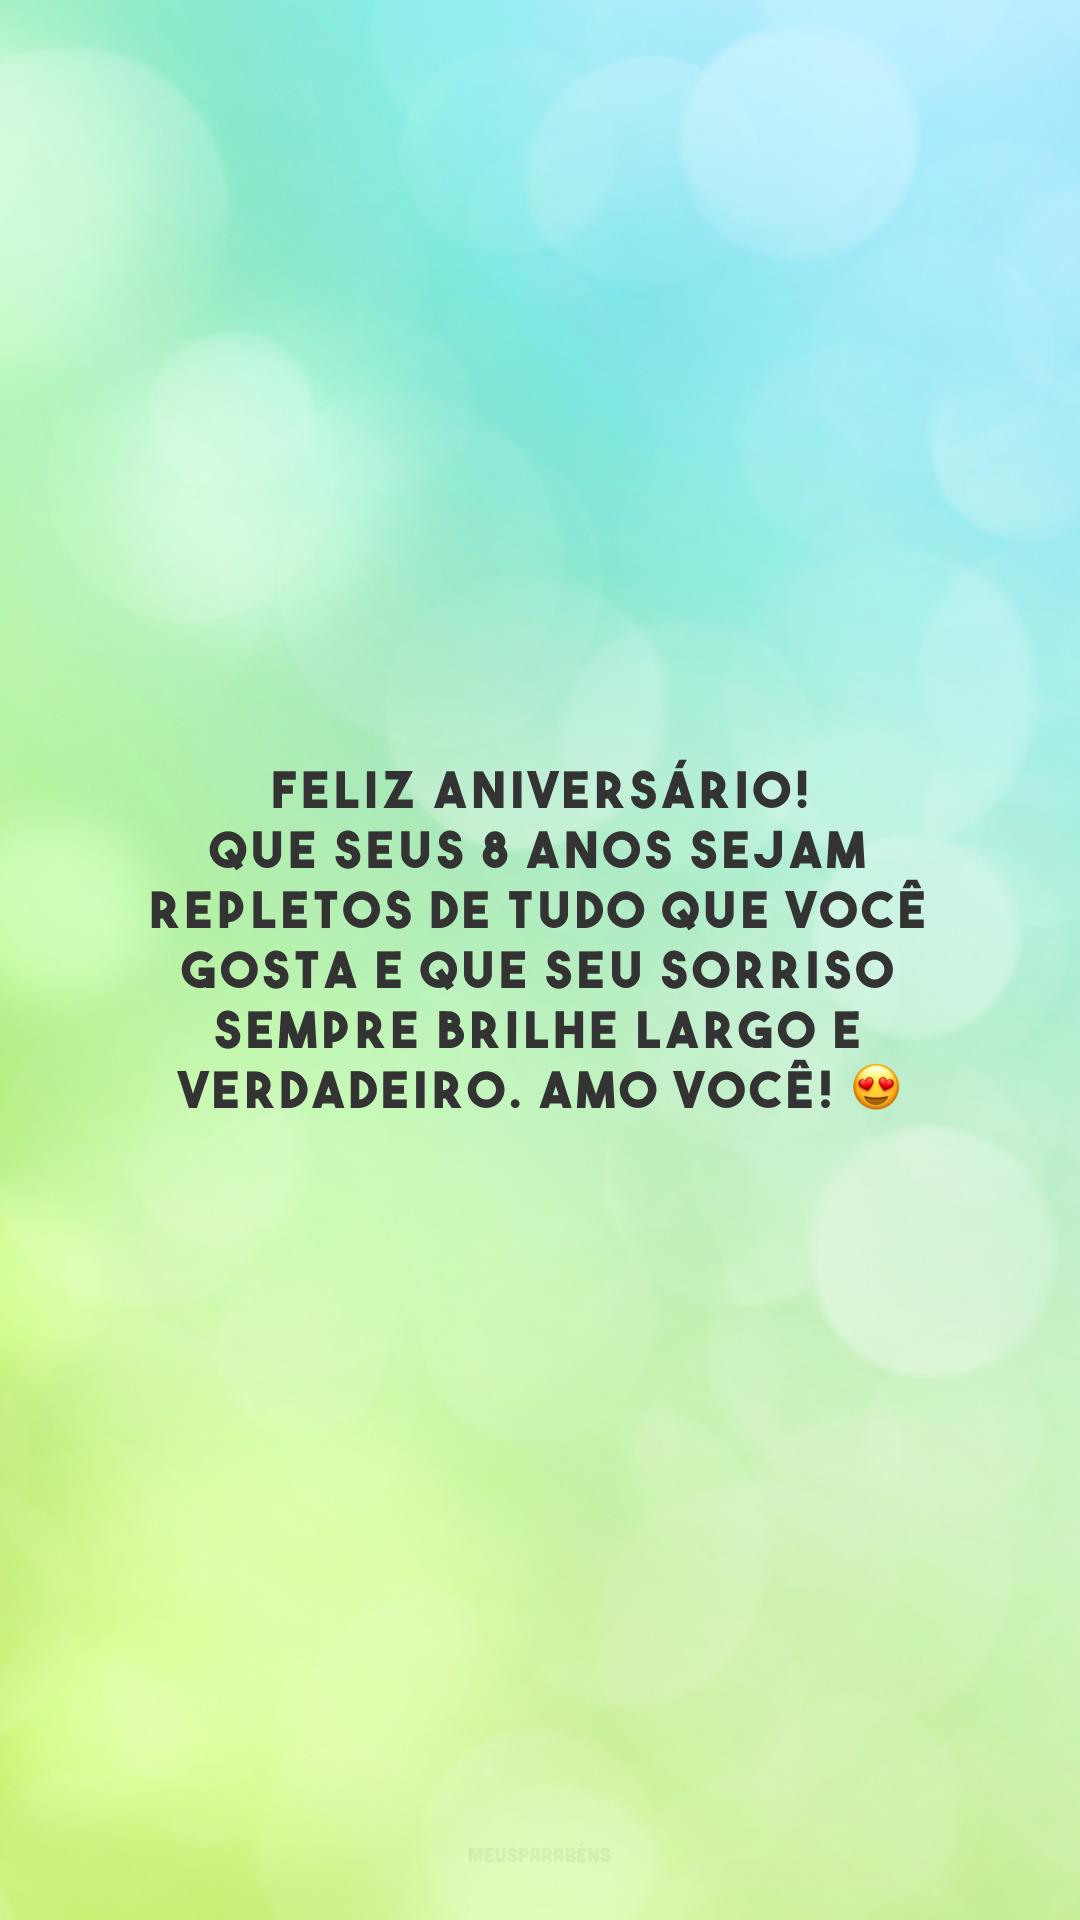 Feliz aniversário! Que seus 8 anos sejam repletos de tudo que você gosta e que seu sorriso sempre brilhe largo e verdadeiro. Amo você! 😍